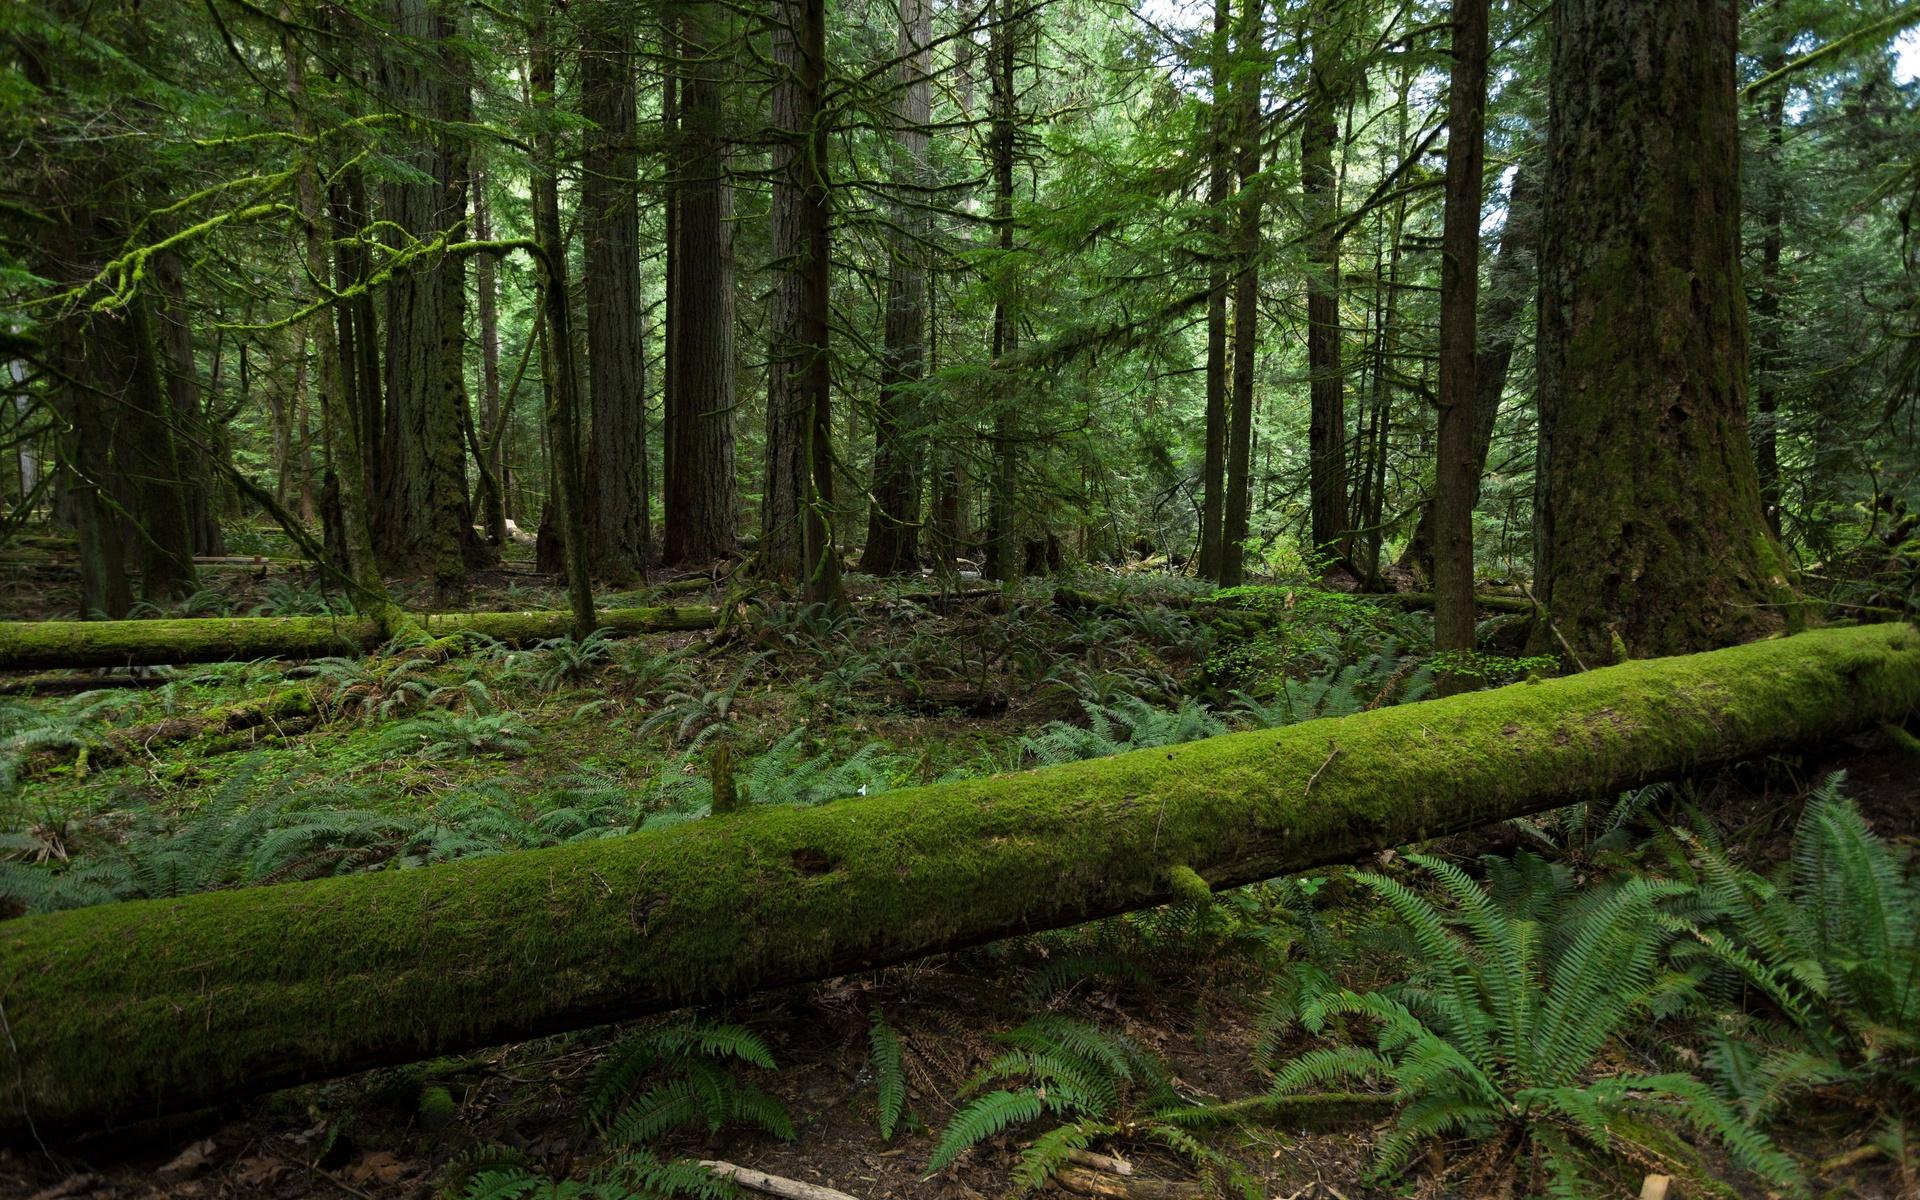 forest wallpaper moss green - HD Desktop Wallpapers | 4k HD